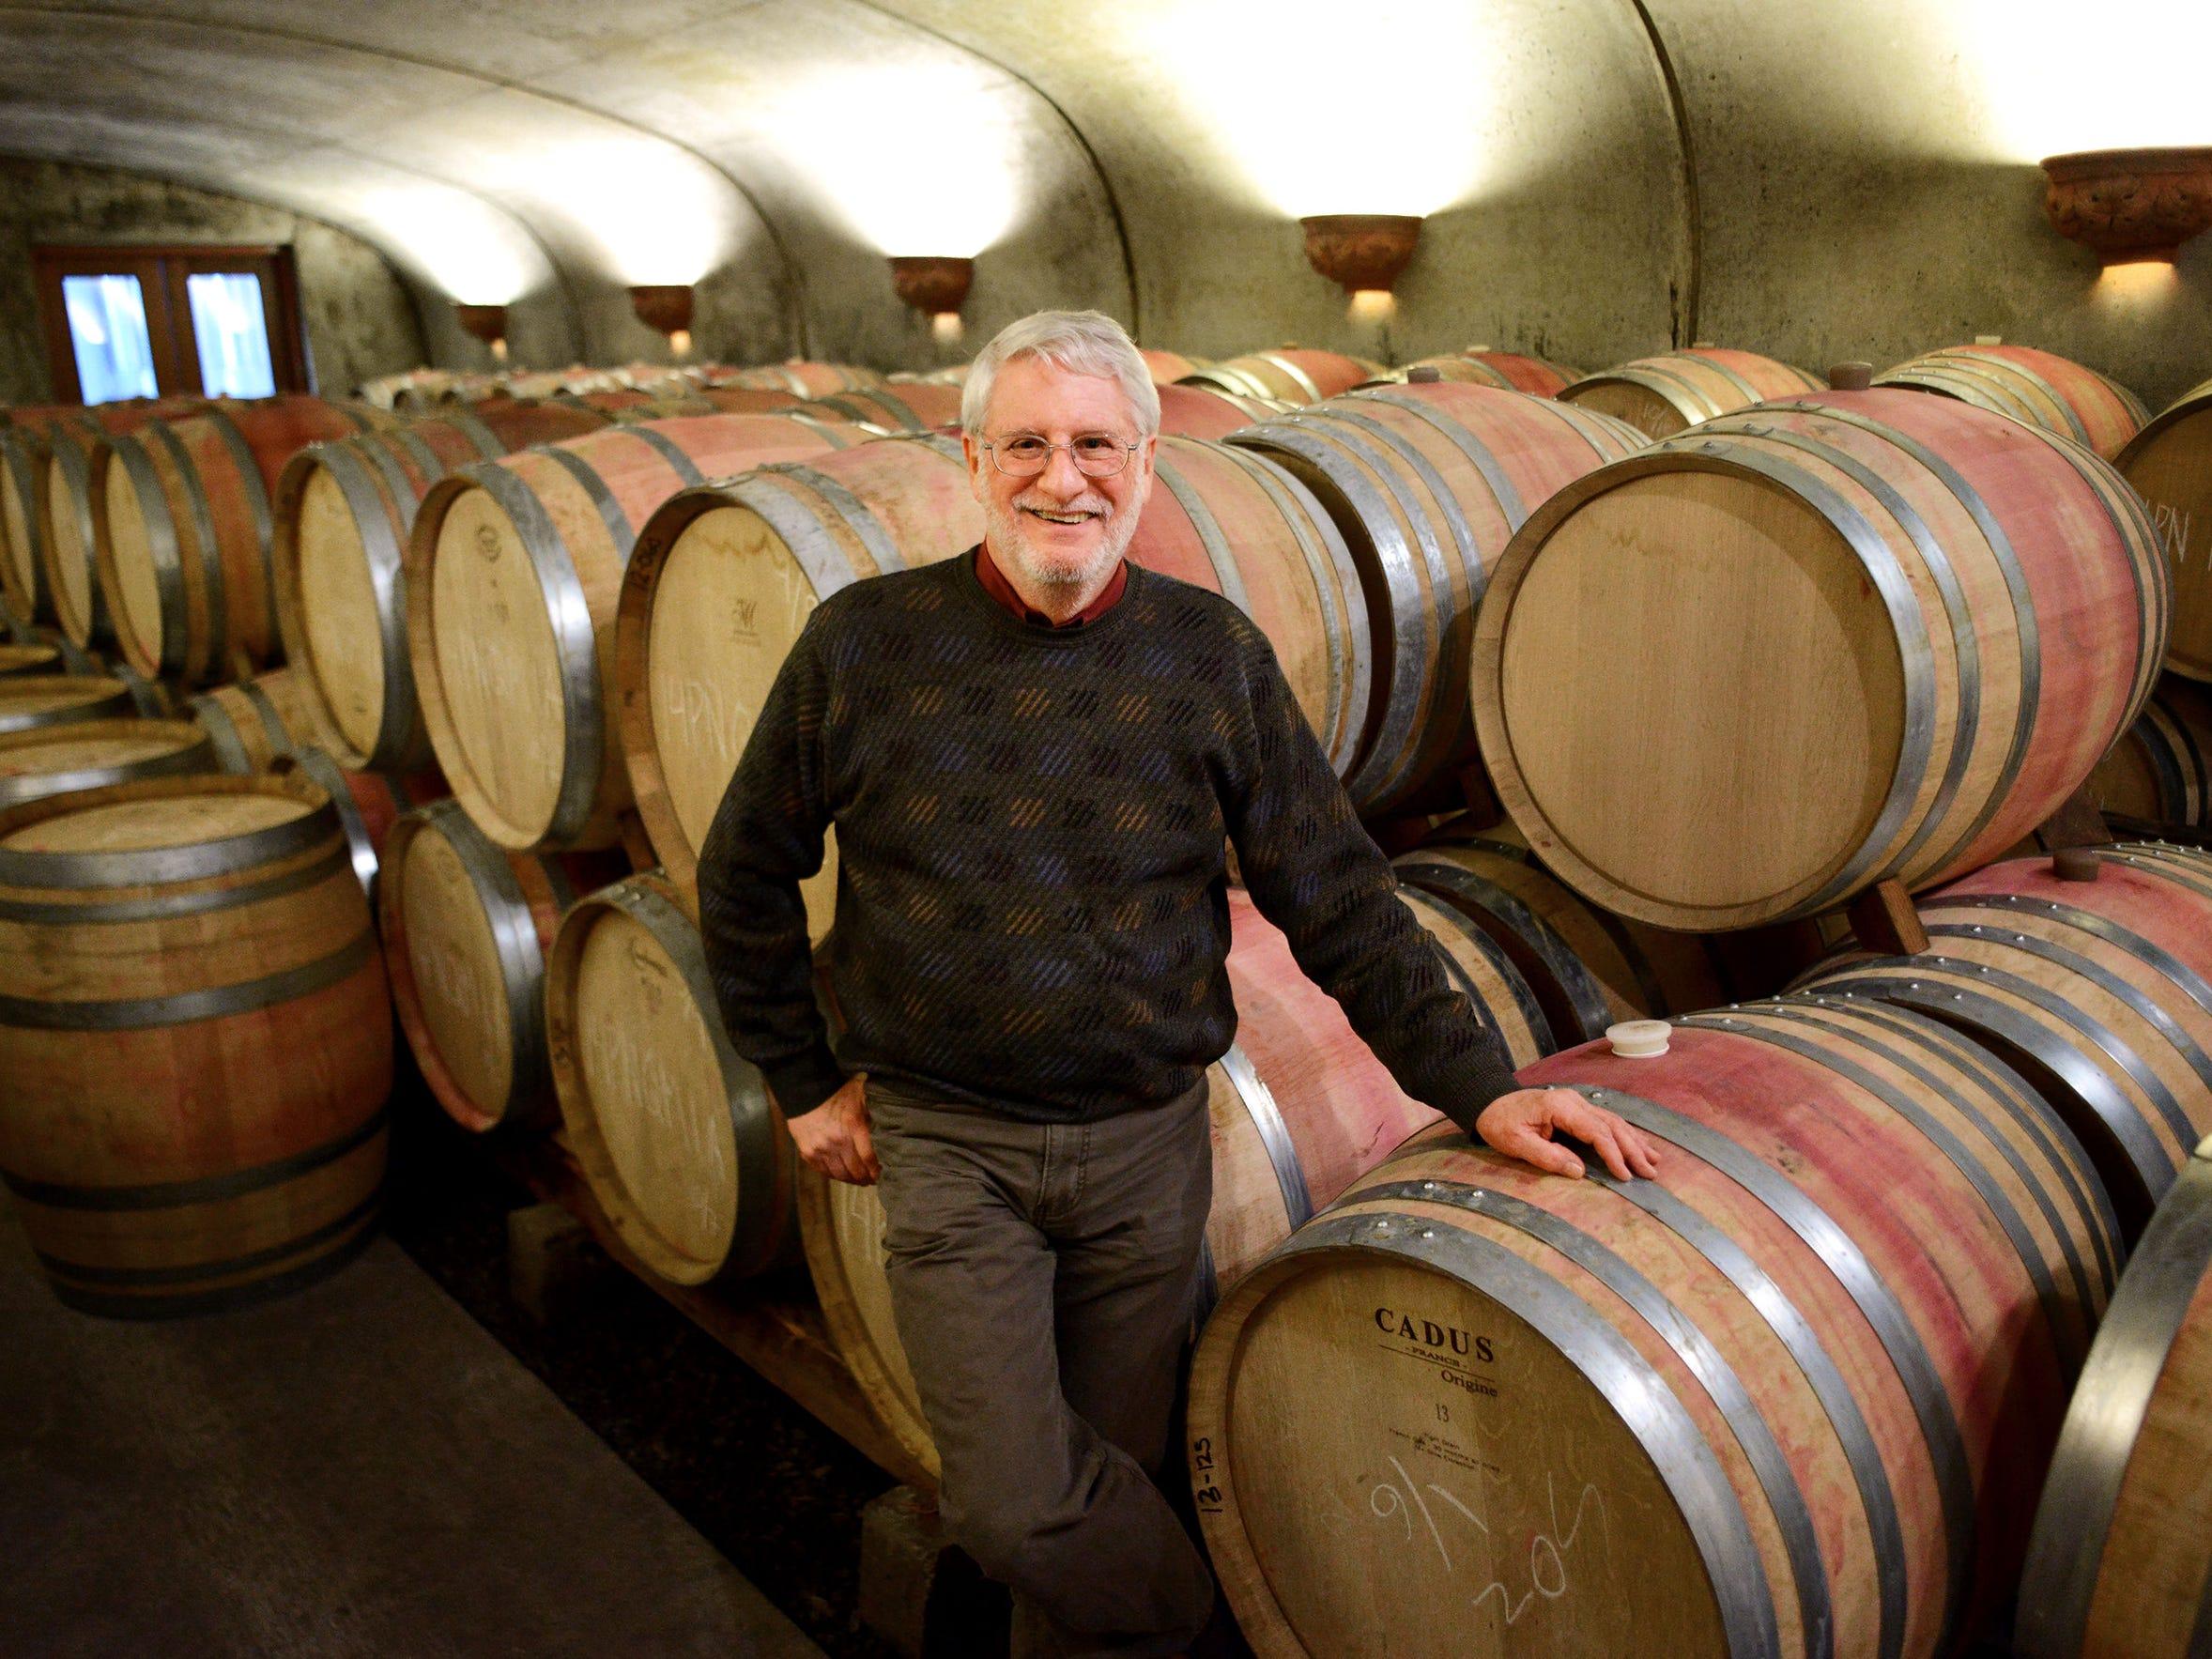 David Adelsheim inside the cellar at Adelsheim Vineyard